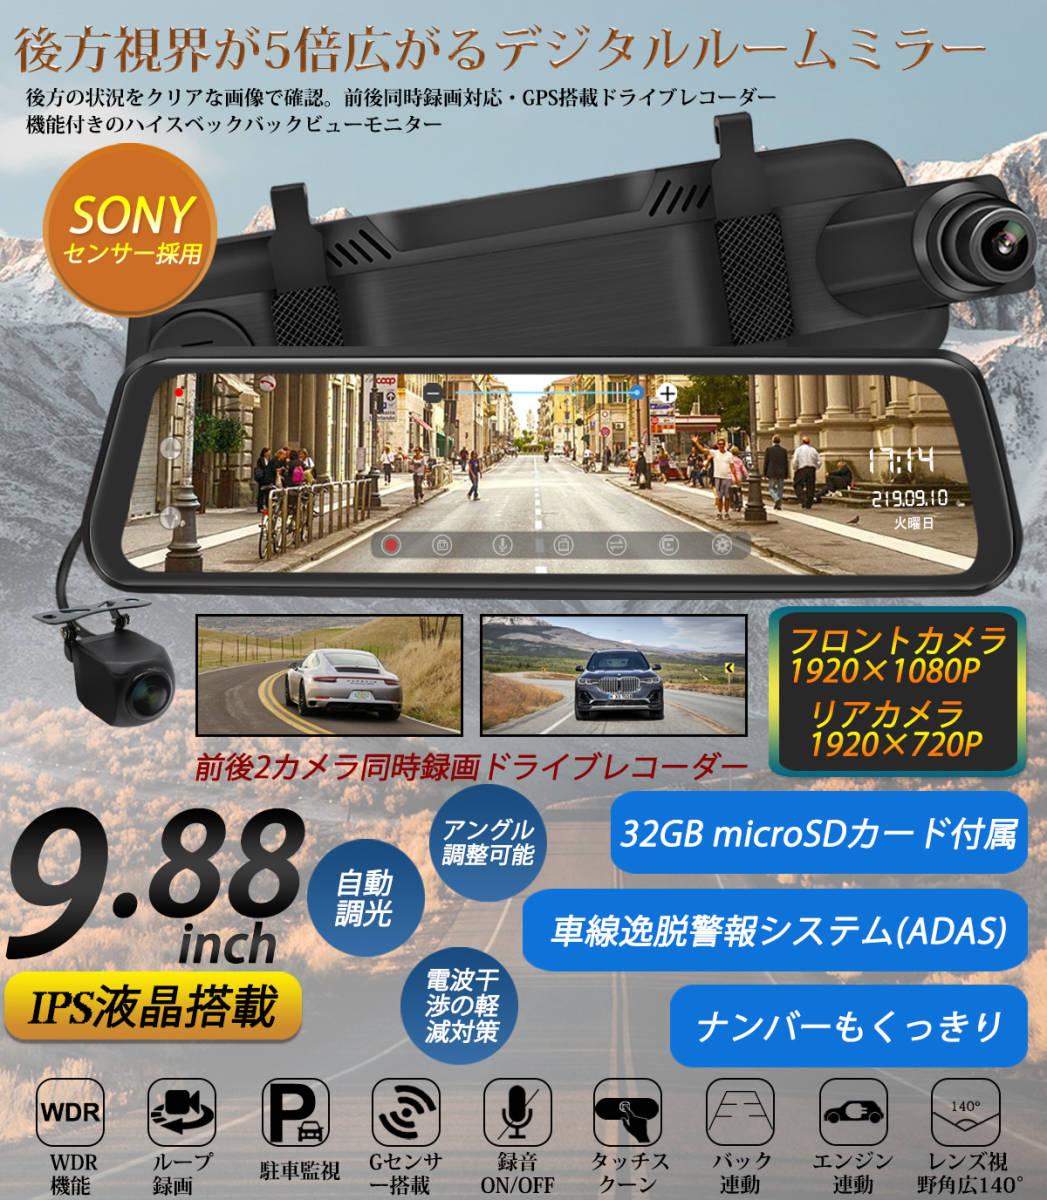 送料無料 前後カメラ 車線逸脱警報 32GB SDカード付 GPS搭載 ドライブレコーダー S06 ミラー型 9.88インチタッチパネル 日本製説明書 新品_画像1